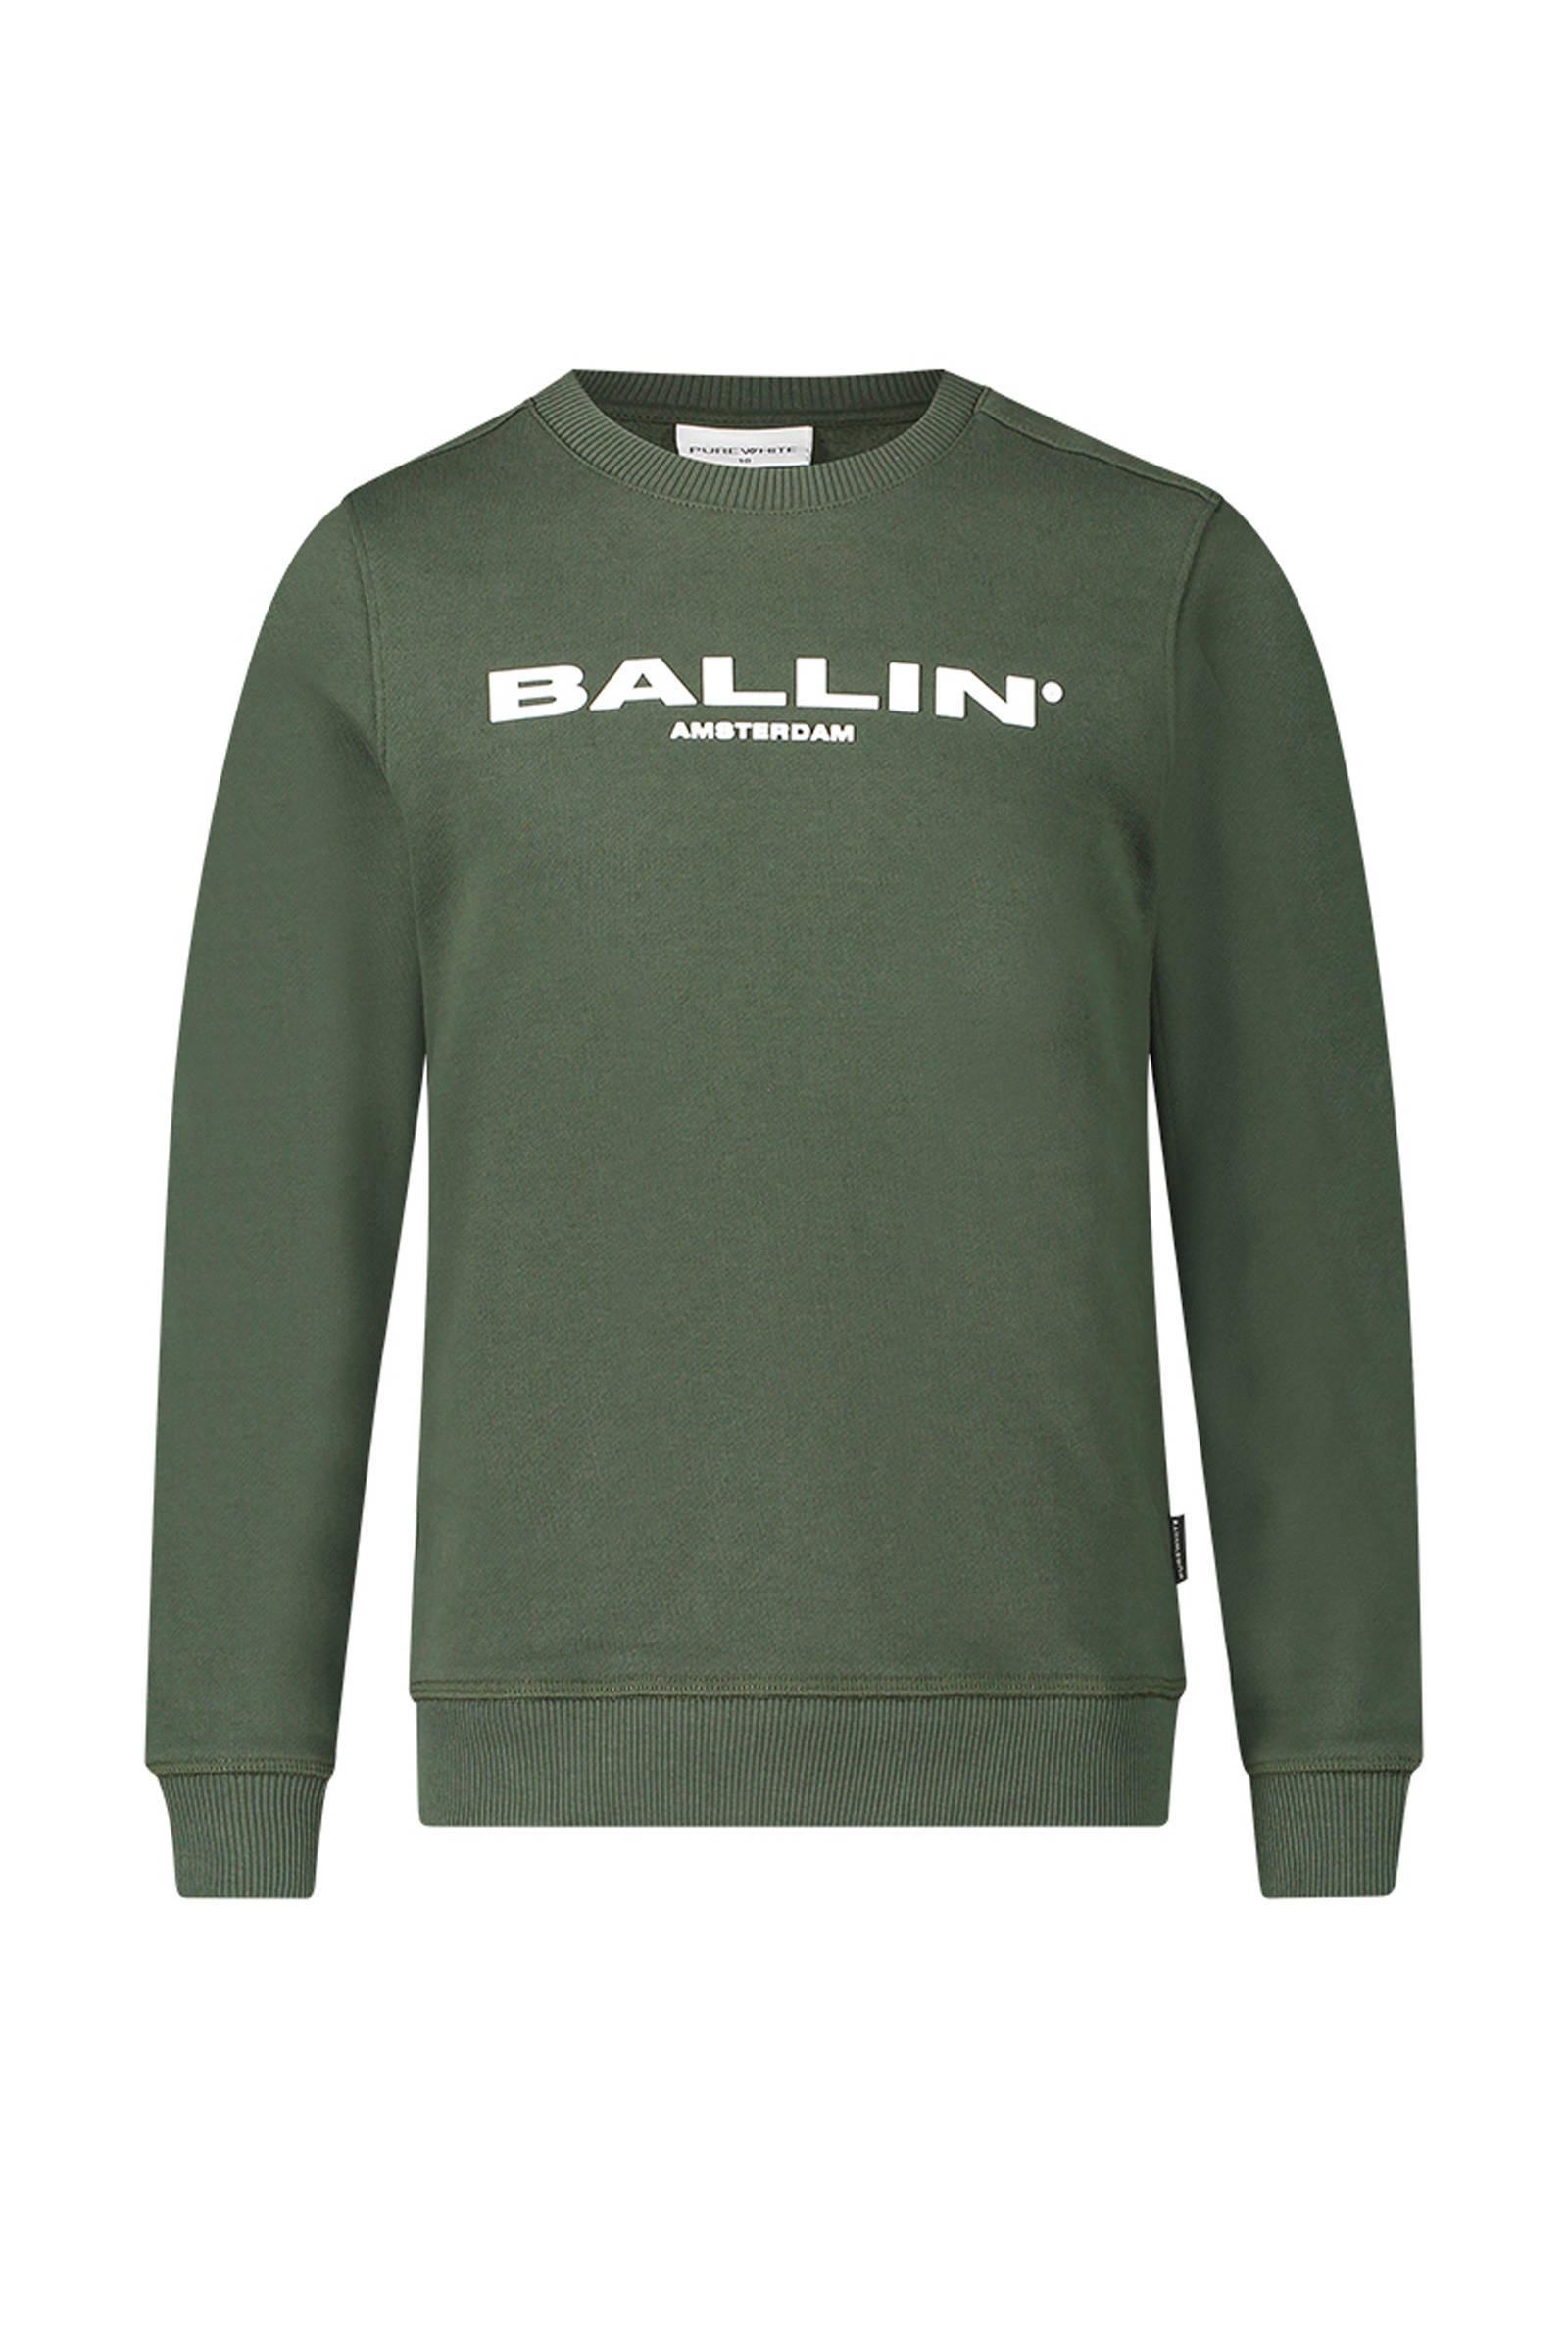 ballin amsterdam junior by purewhite Ballin sweater blauw